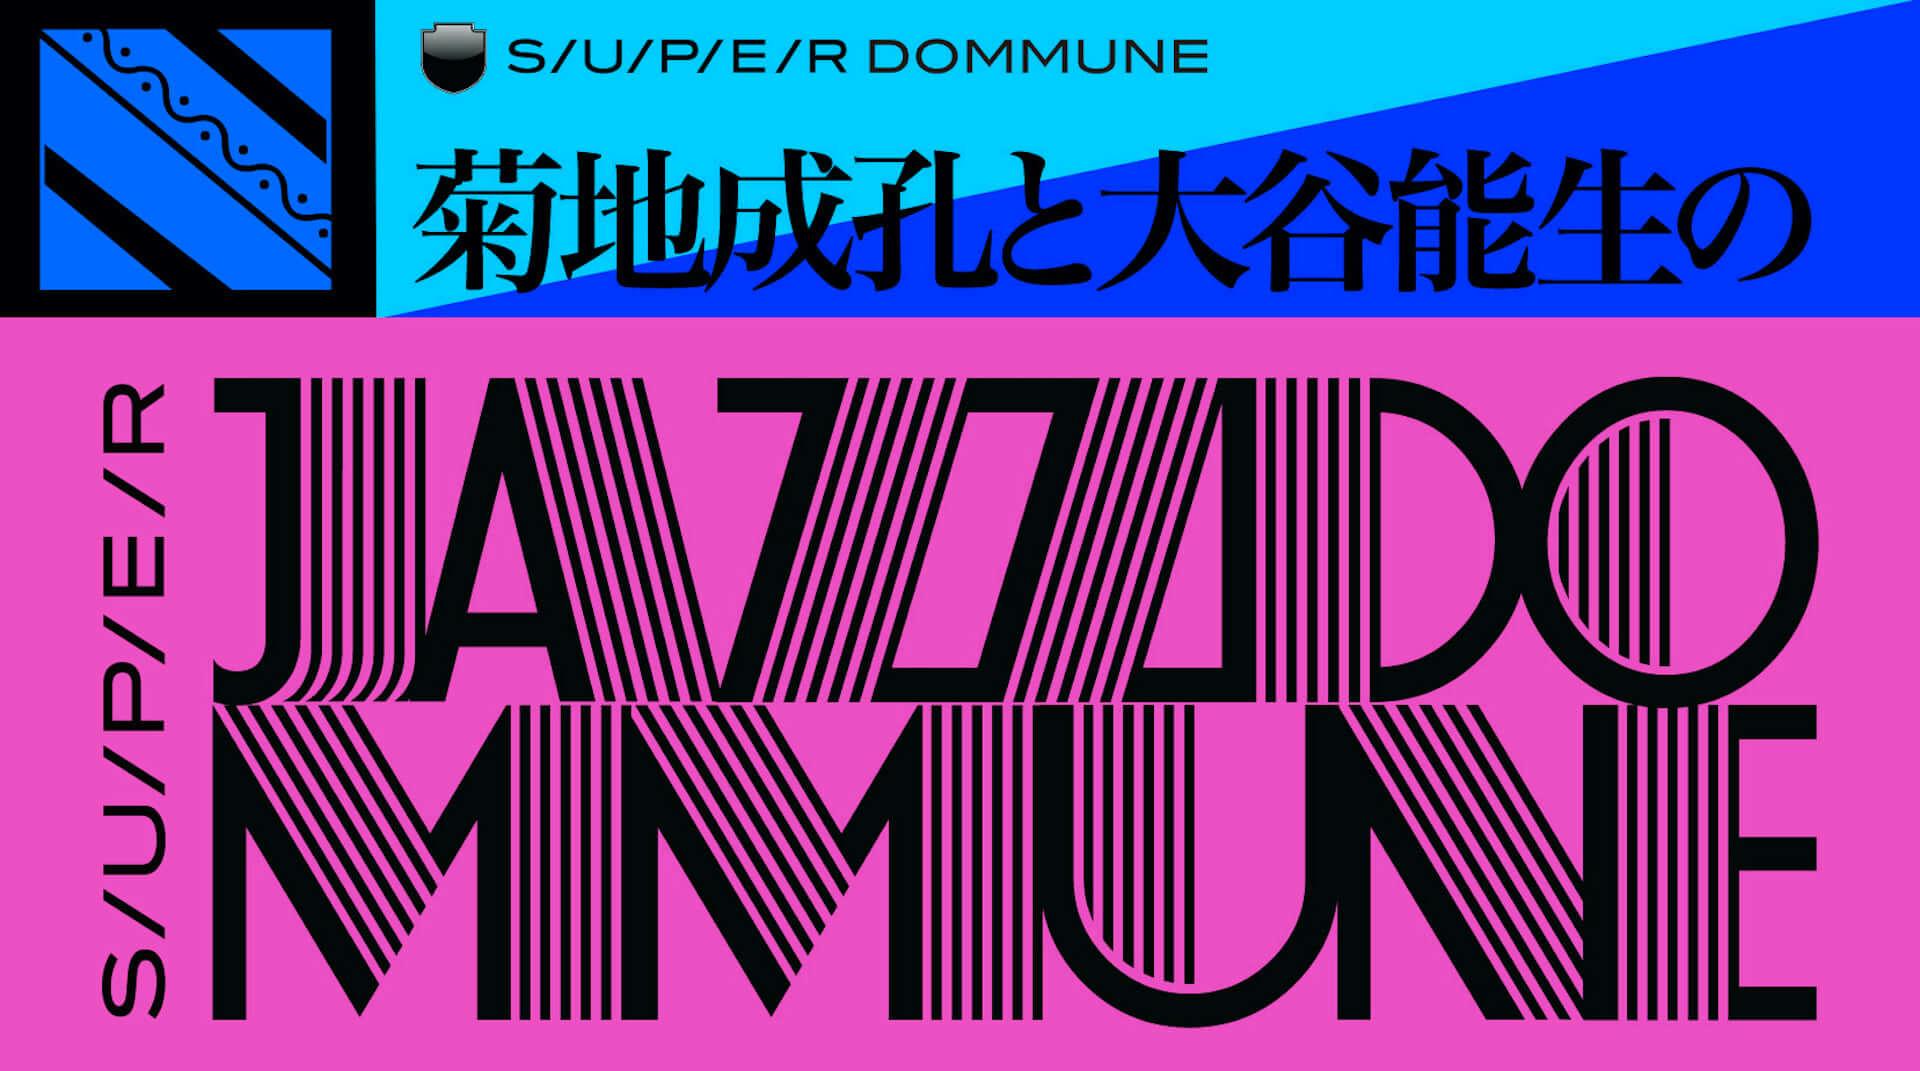 菊地成孔と大谷能生の『SUPER JAZZDOMMUNE』&湯山玲子の『爆クラ』がSUPER DOMMUNEから本日配信! music200526_superdommune_1-1920x1071